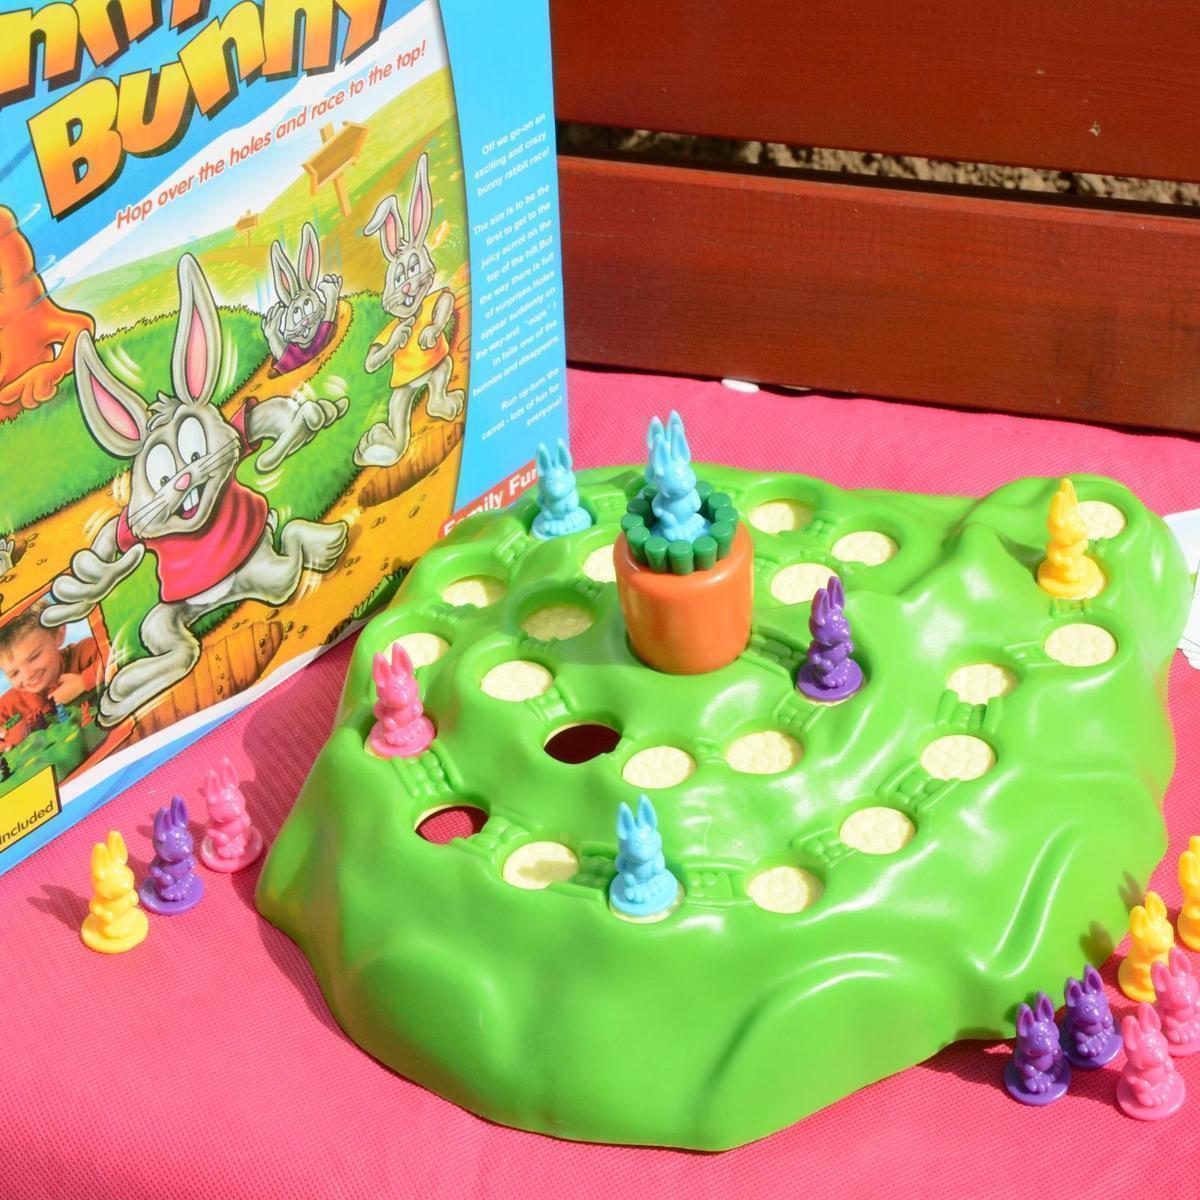 Кролик напрямик матч ребенок головоломка матч пробег шахматы отцовство интеллект рабочий стол игра ребенок игрушка 3 красный .6